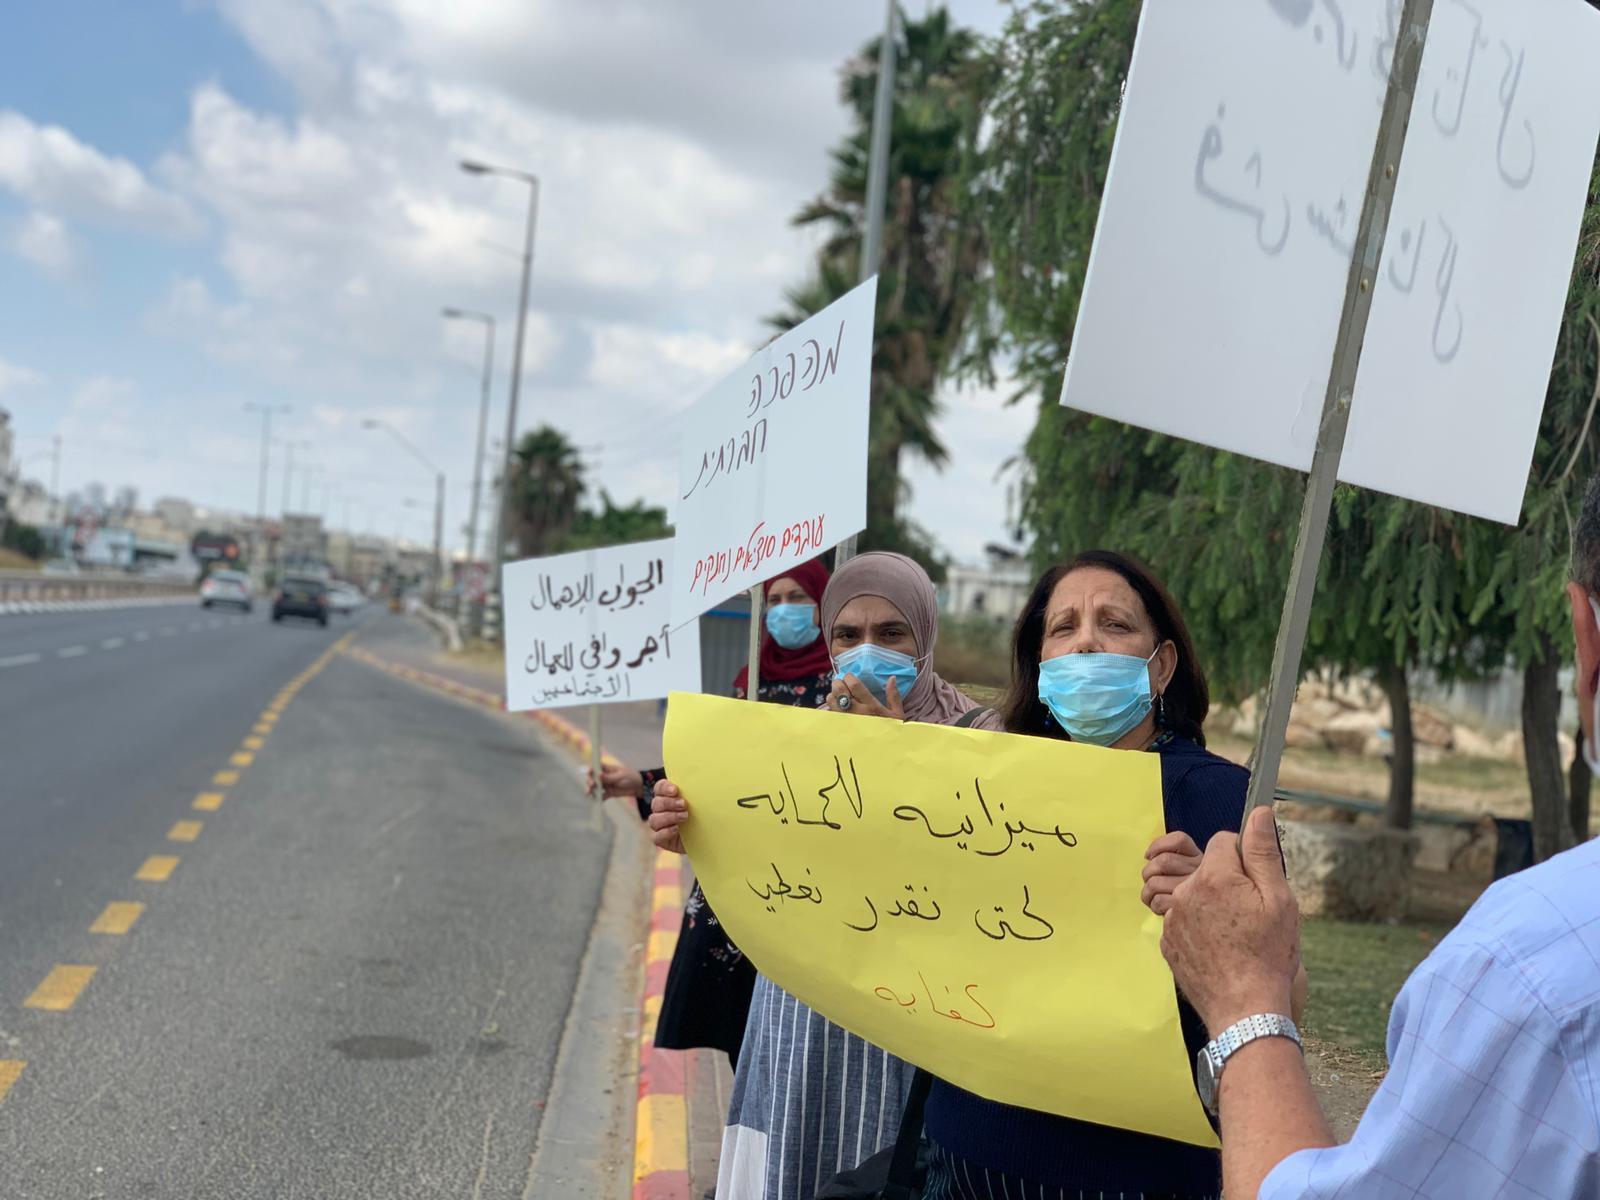 العاملون الاجتماعيون في المثلث يتظاهرون احتجاجا على ظروف عملهم